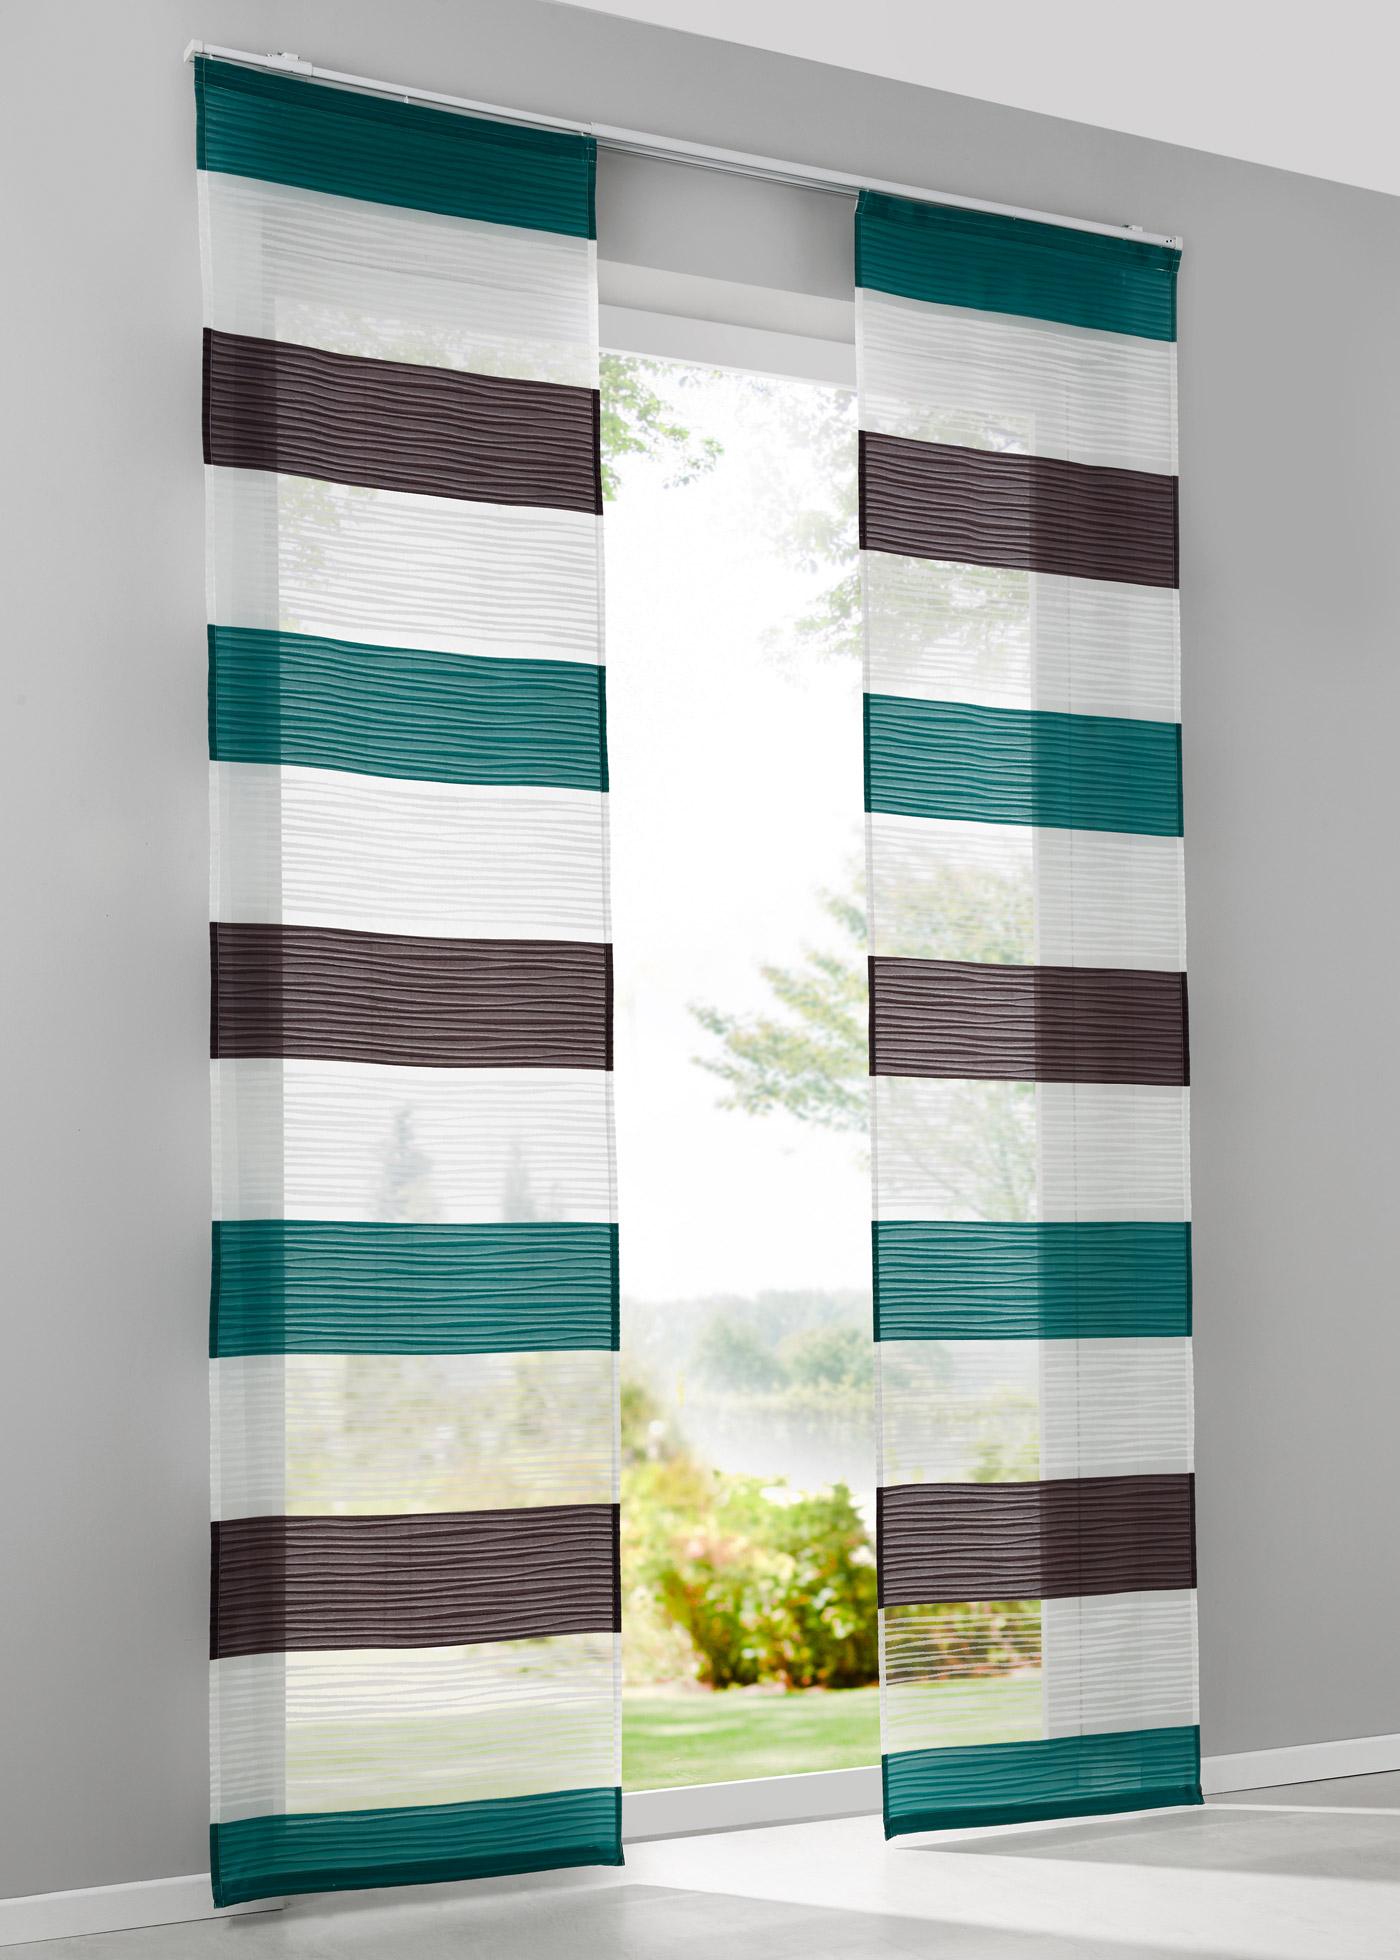 любимых художников шторы на липучках фото продаже красивый